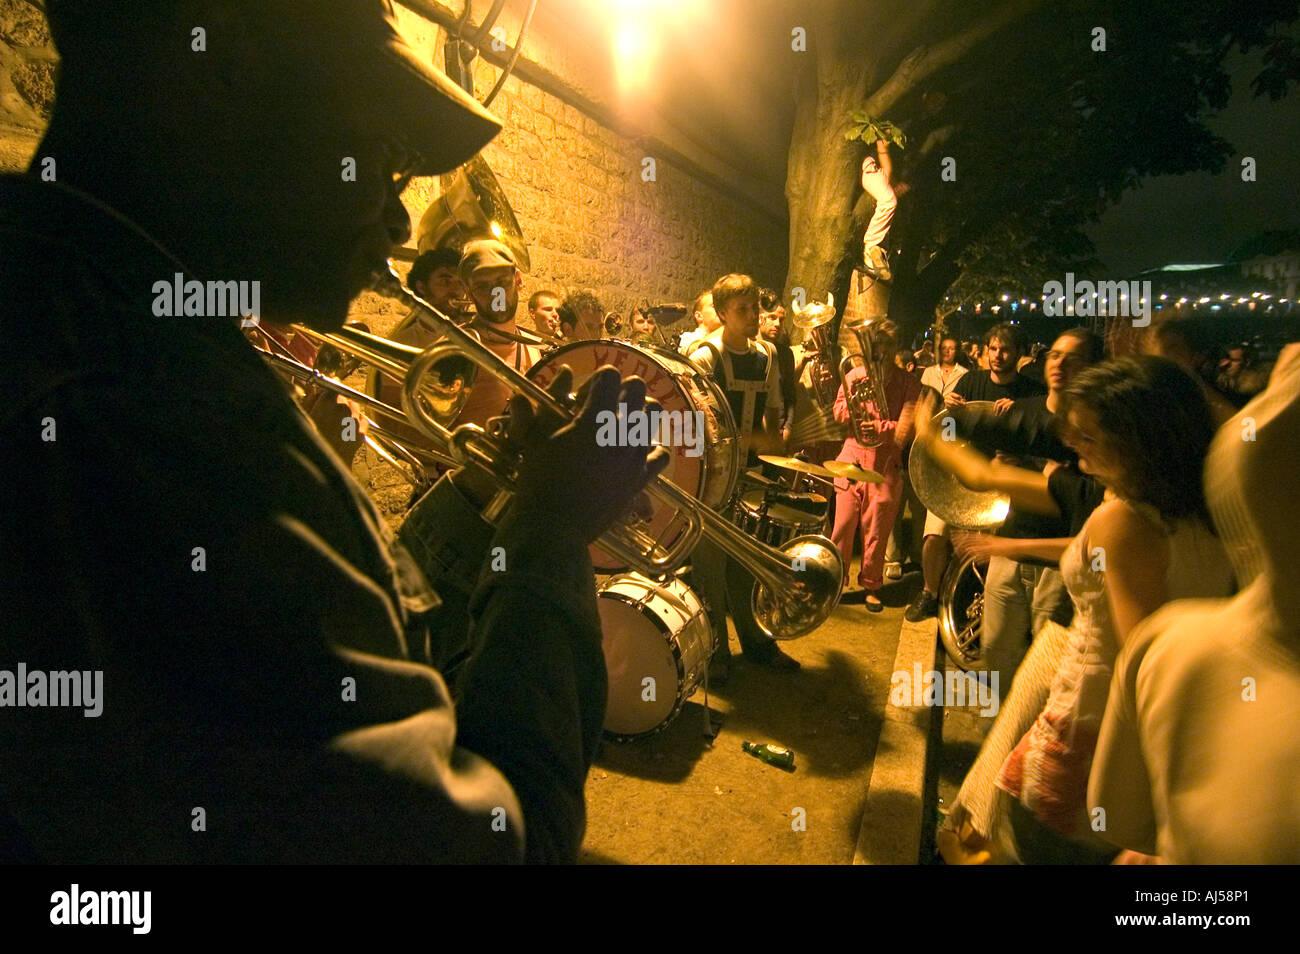 People playing music during the Fete de la Musique, a large public music festival, in Paris, France. - Stock Image